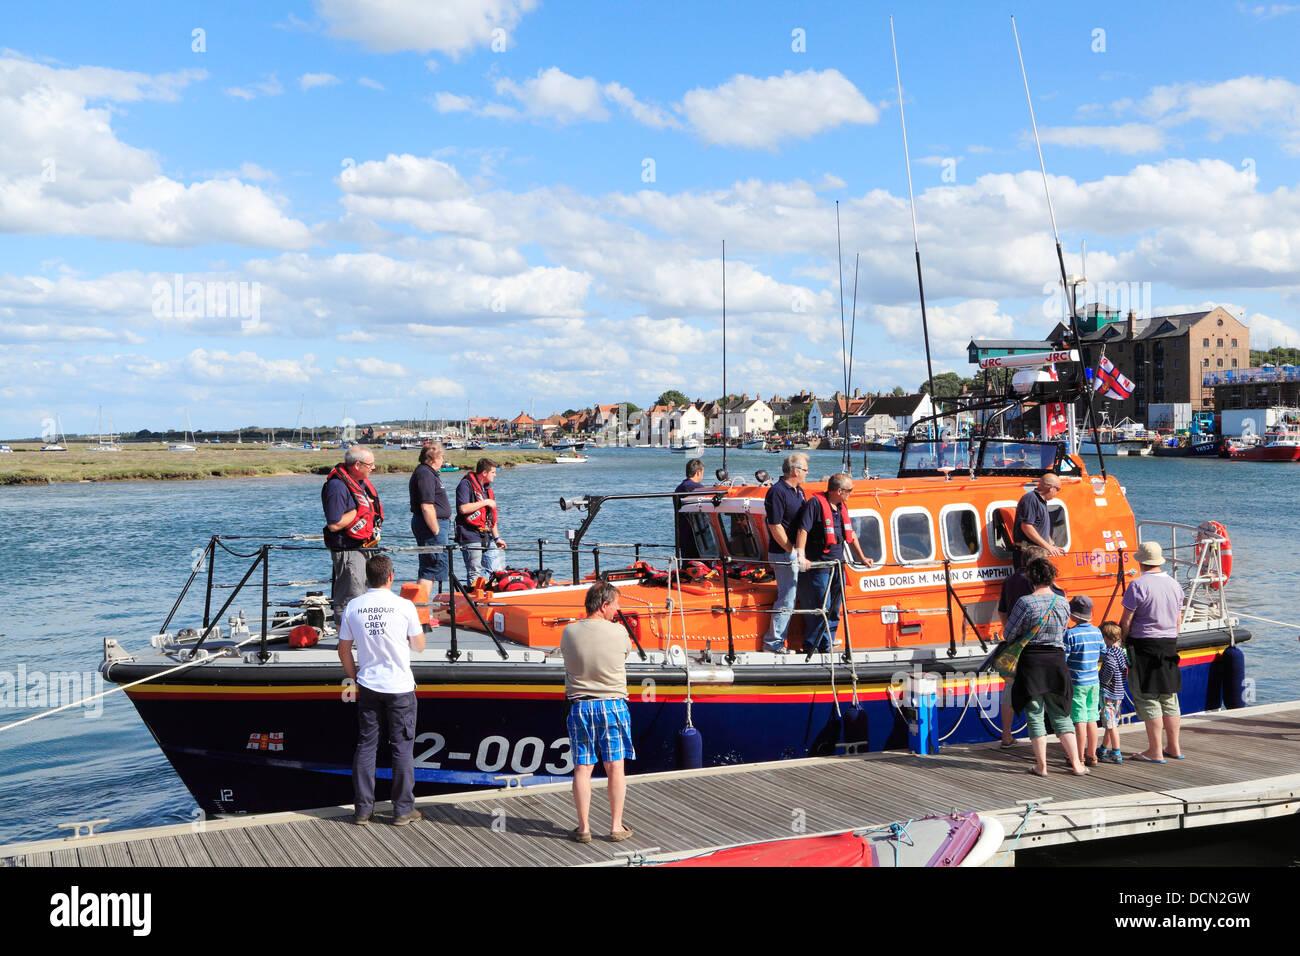 Wells de sauvetage et de port, Norfolk, England UK English town villes côtières de la côte de sauvetage Banque D'Images